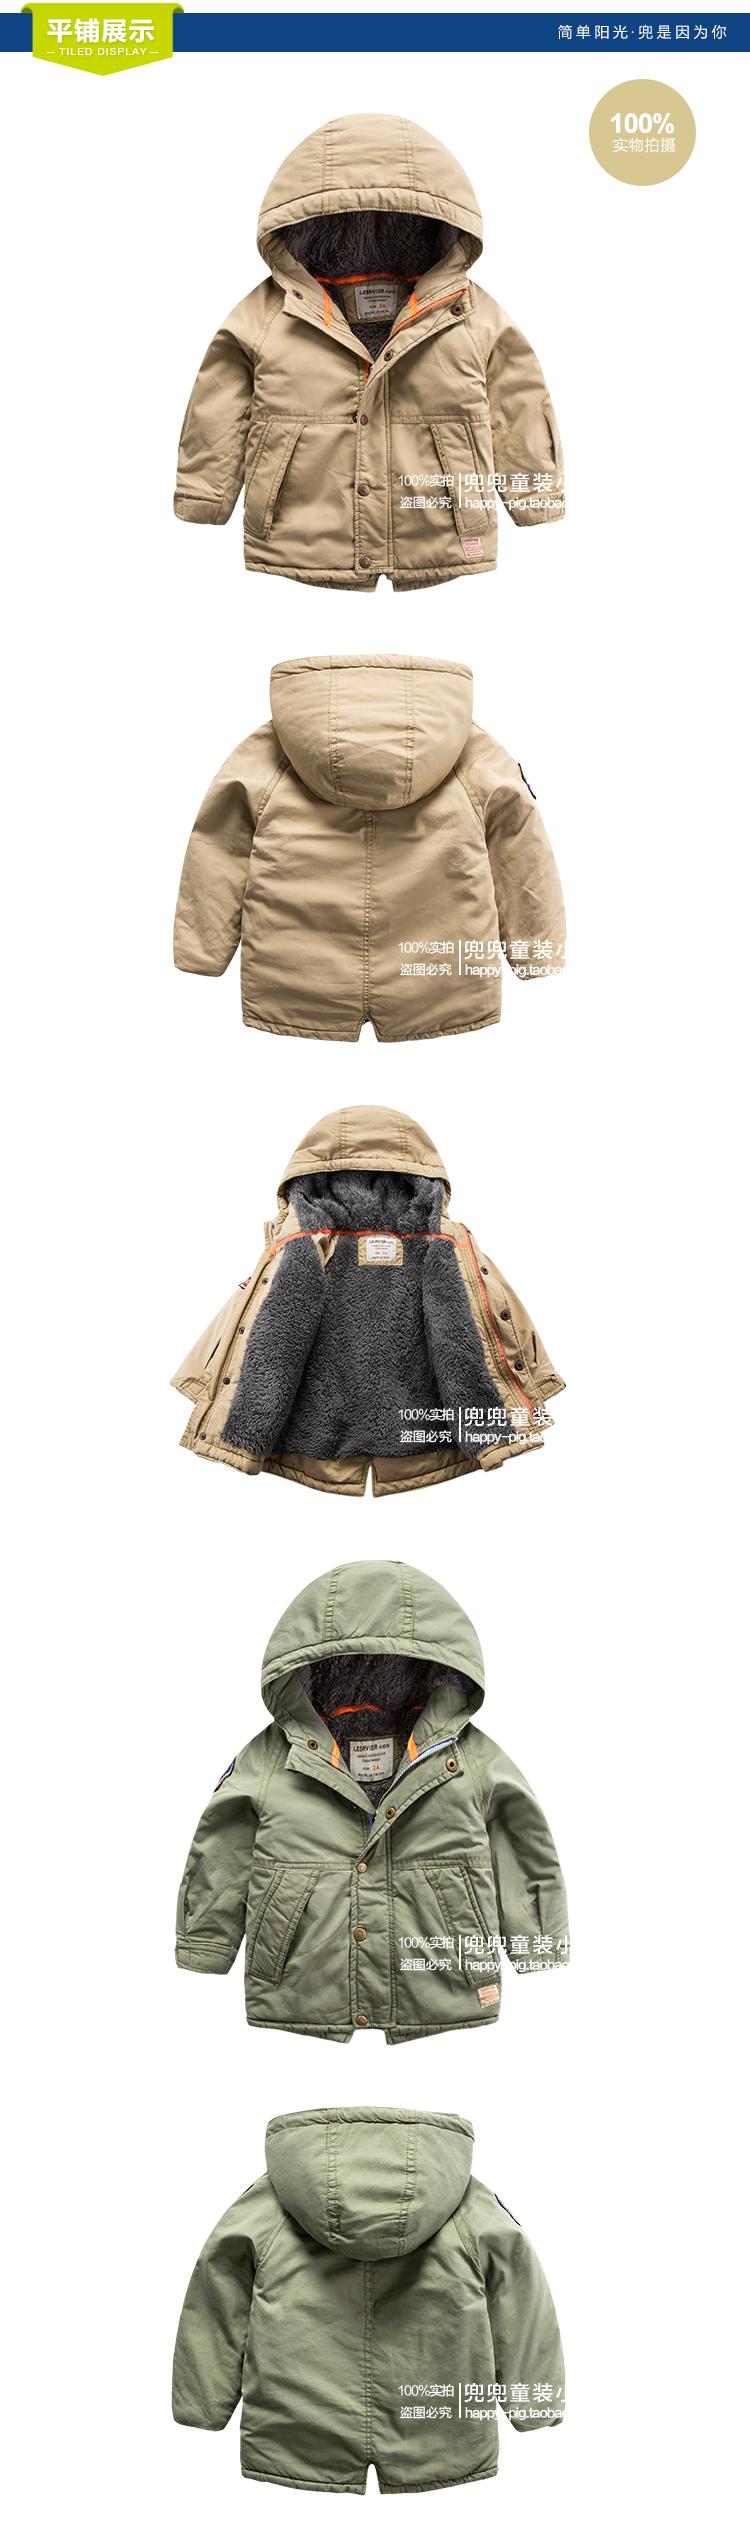 Скидки на Дети с кашемир пальто 2016 зима новый stick молния С Капюшоном zip top coat boy ребенка в тепле